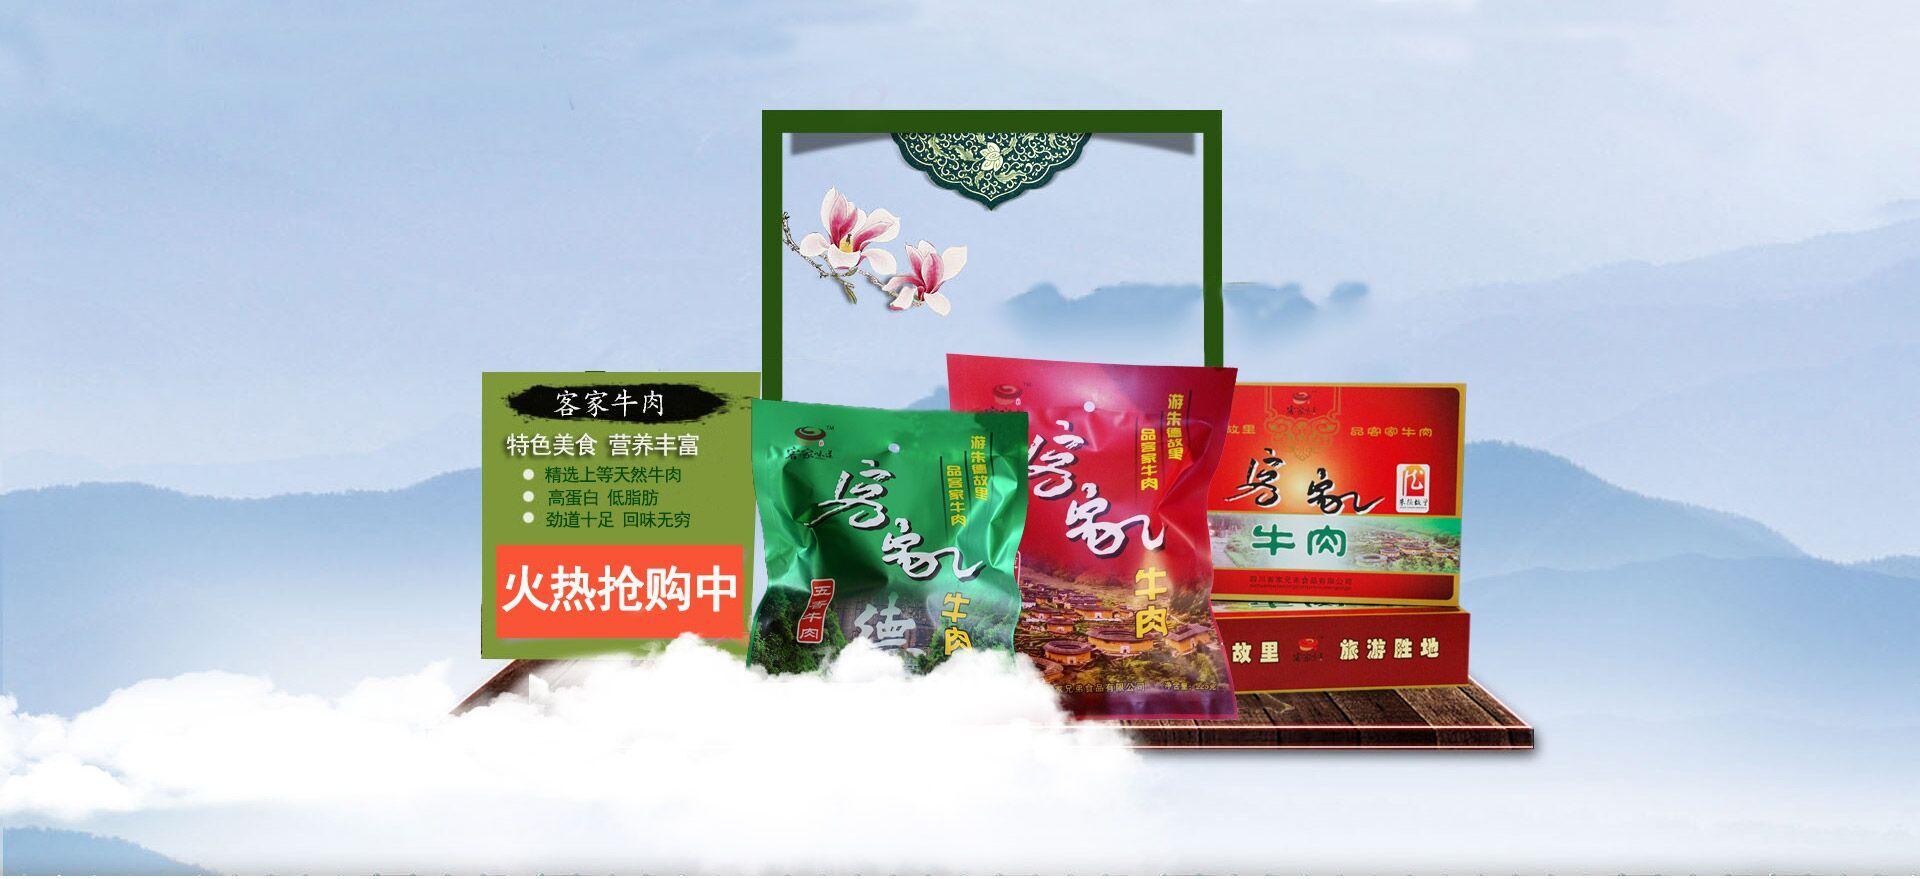 邮乐网德乡仪陇产品列表_004.jpg